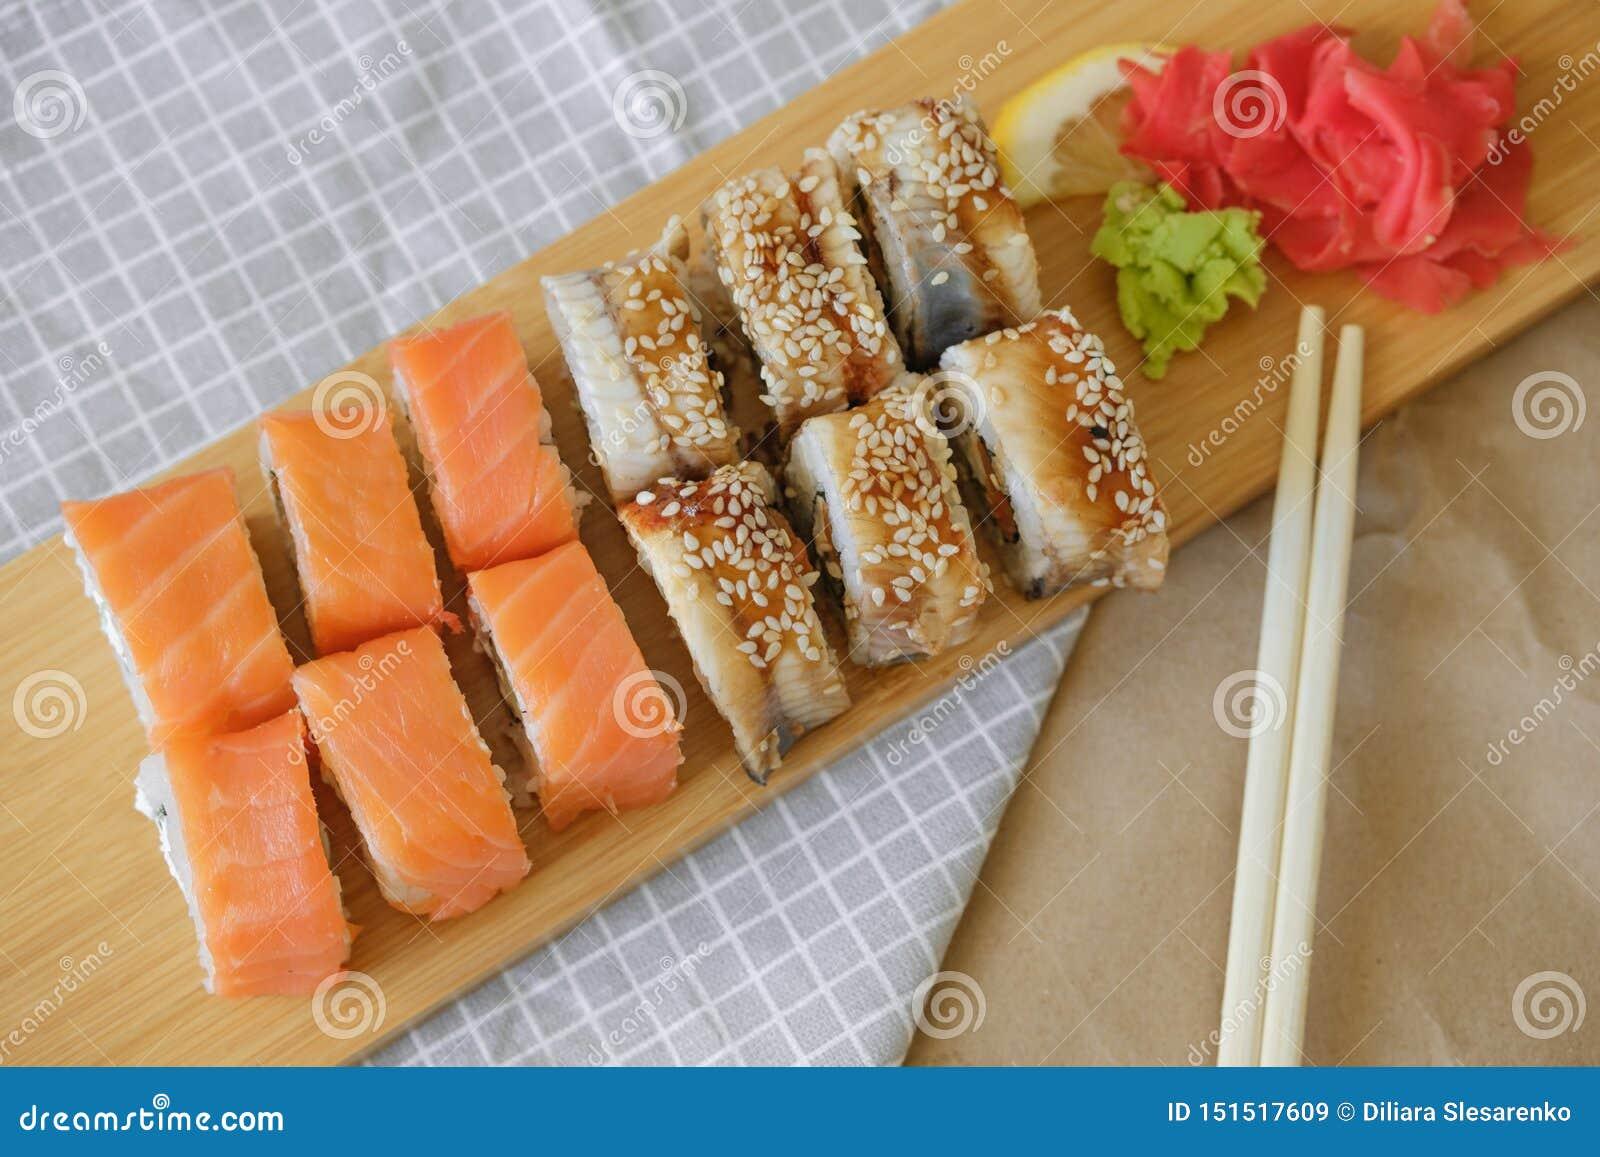 De broodjes met zalm en de broodjes met paling liggen op een houten plank